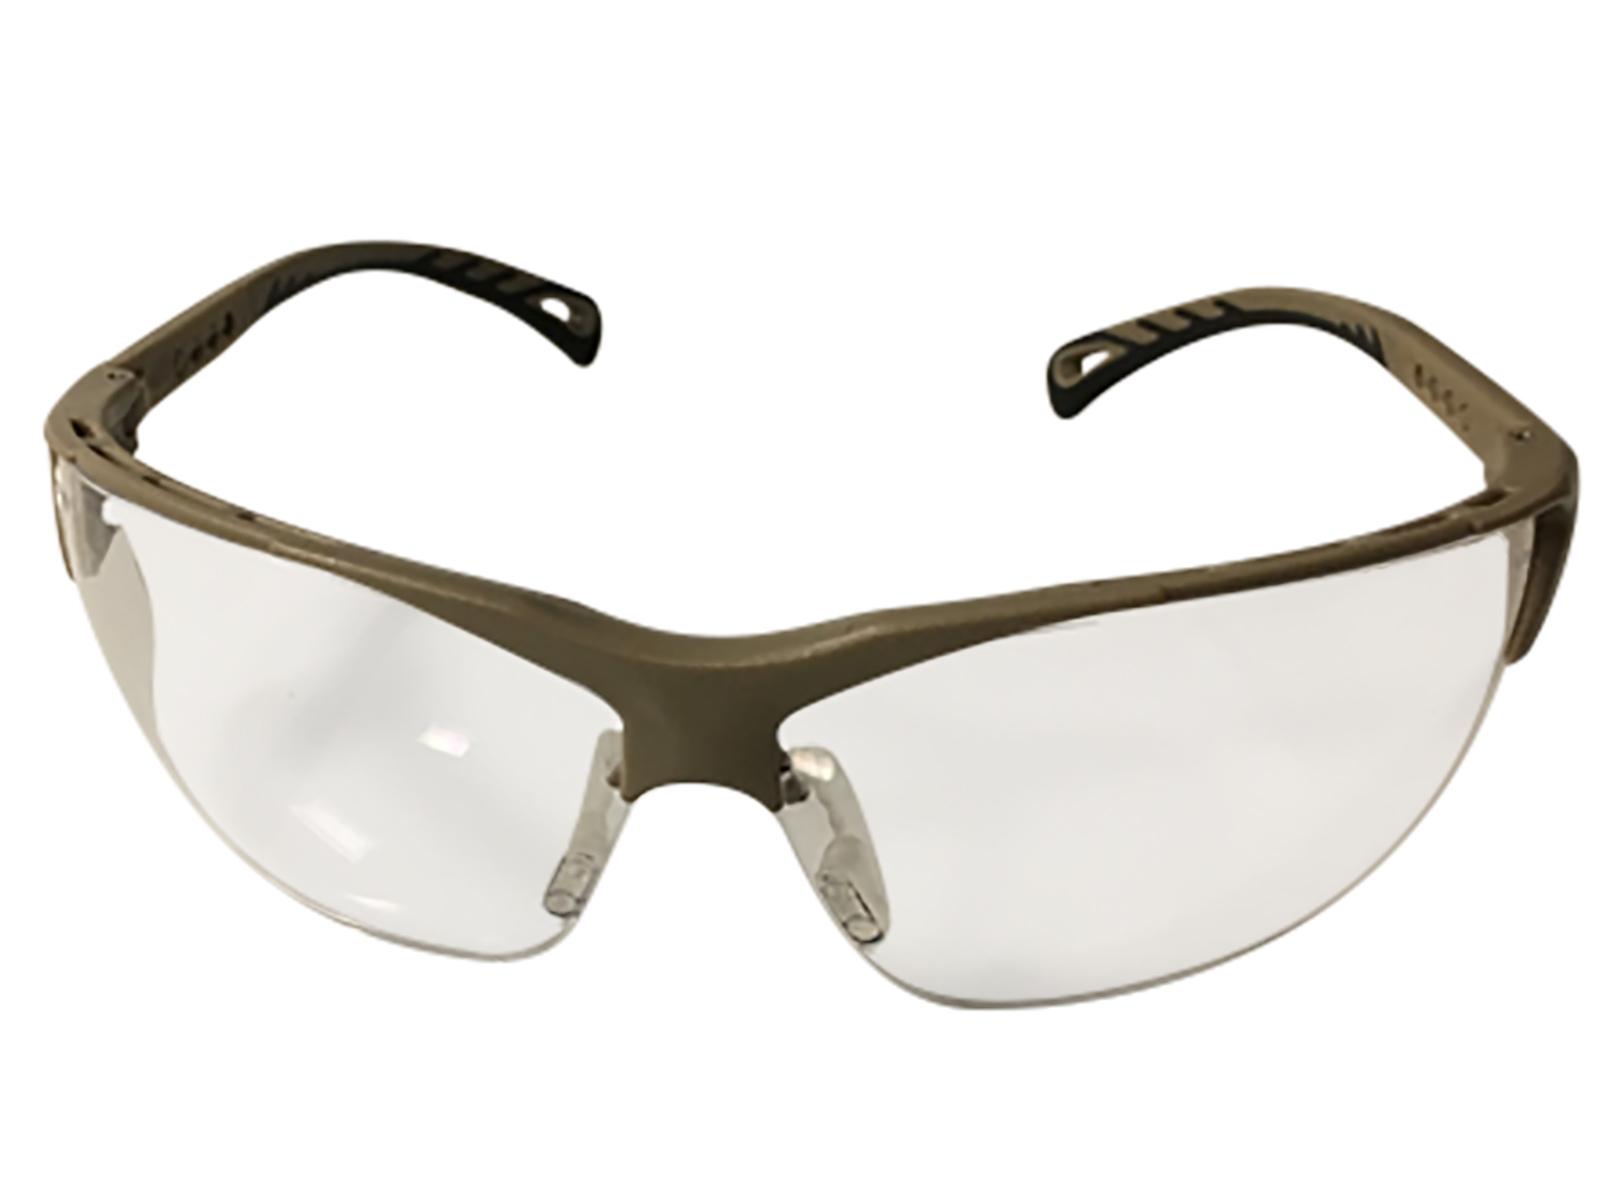 Ochelari De Protectie - Incolori imagine